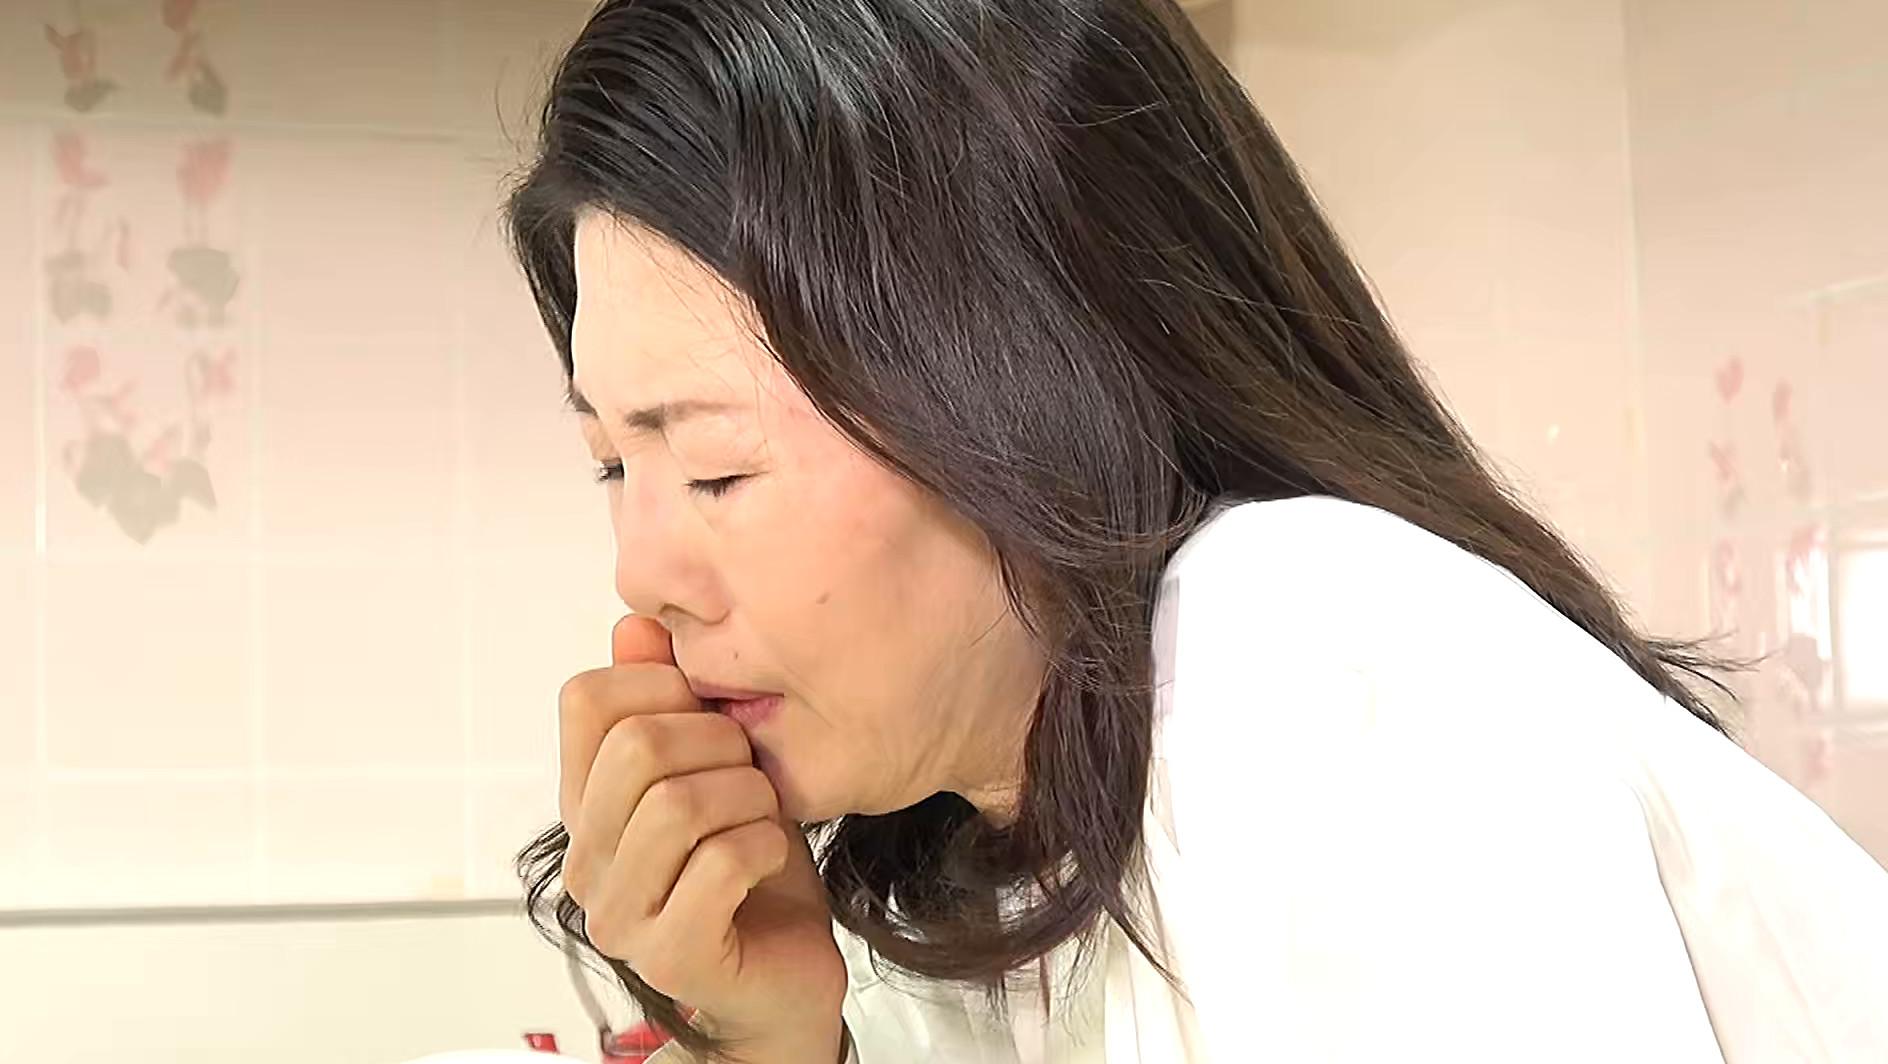 熟妻 夫の誘いは拒絶するのに夫の上司には股を開く五十路妻 息子のイジメ問題で生活指導の先生は母親を脅し中出し! 画像6